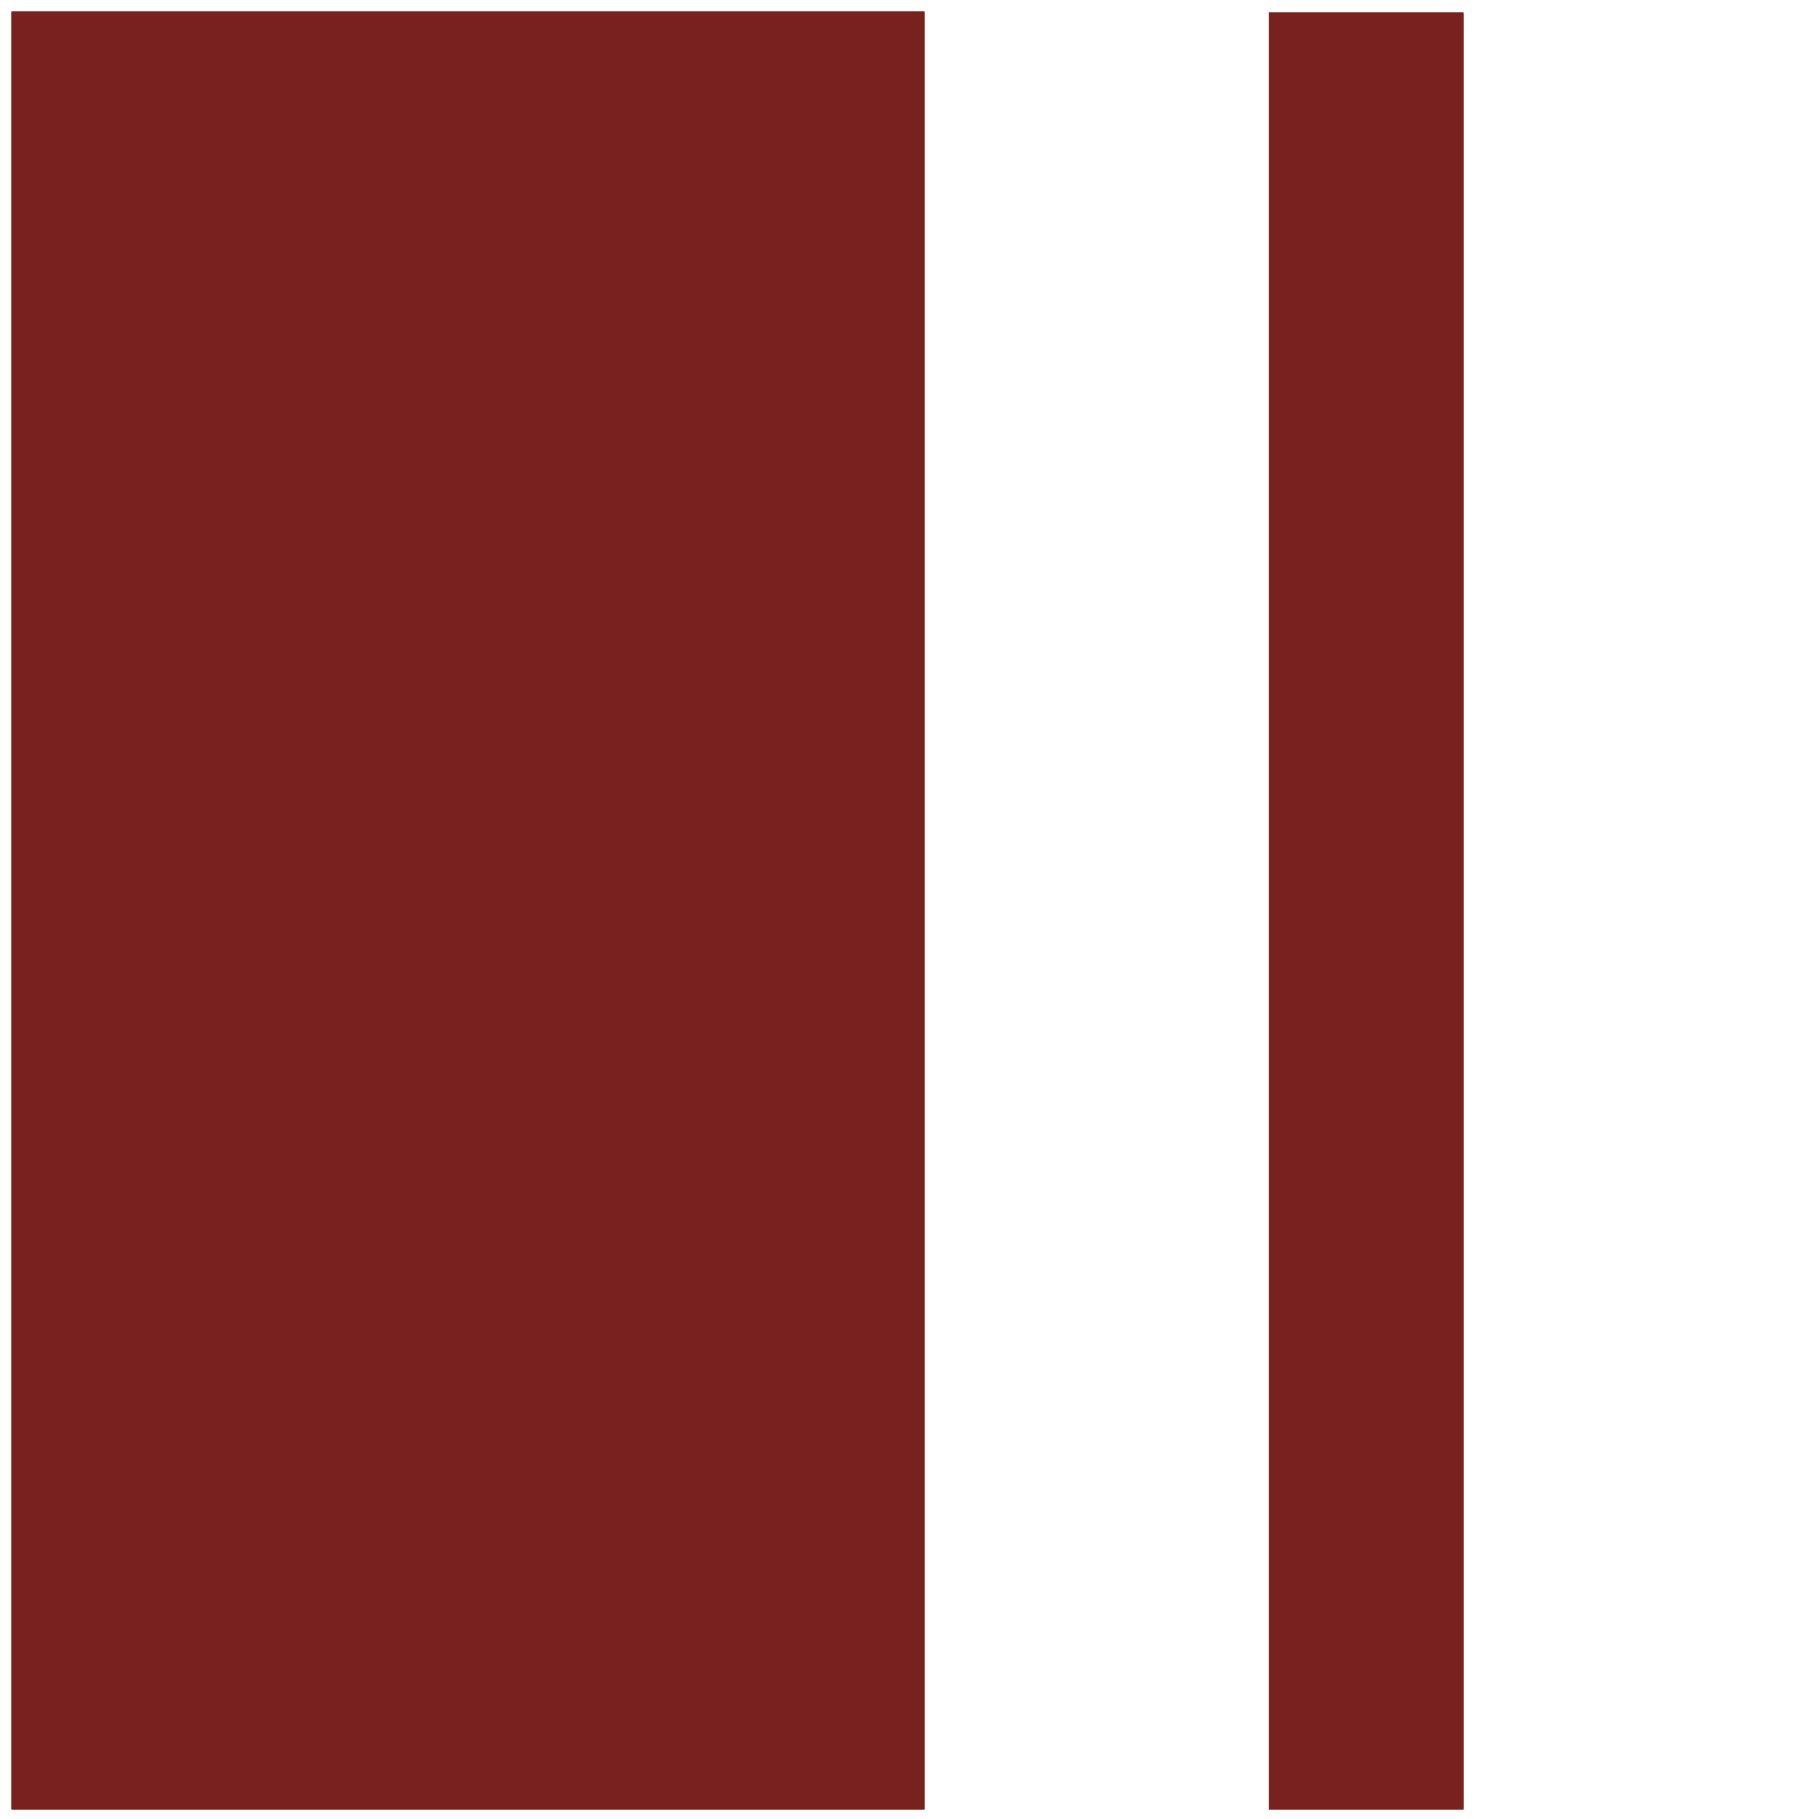 http://www.lurca.com.br/ // Lurca Azulejos - Coleção Modelo Tebas Vinho // Lurca Tiles - Collection Tebas Burgundy Model #azulejos #azulejosdecorados #revestimentos #arquitetura #interiores #decor #design #sala #reforma #decoracao #geometria #casa #ceramica #architecture #decoration #decorate #style #home #homedecor #tiles #ceramictiles #homemade